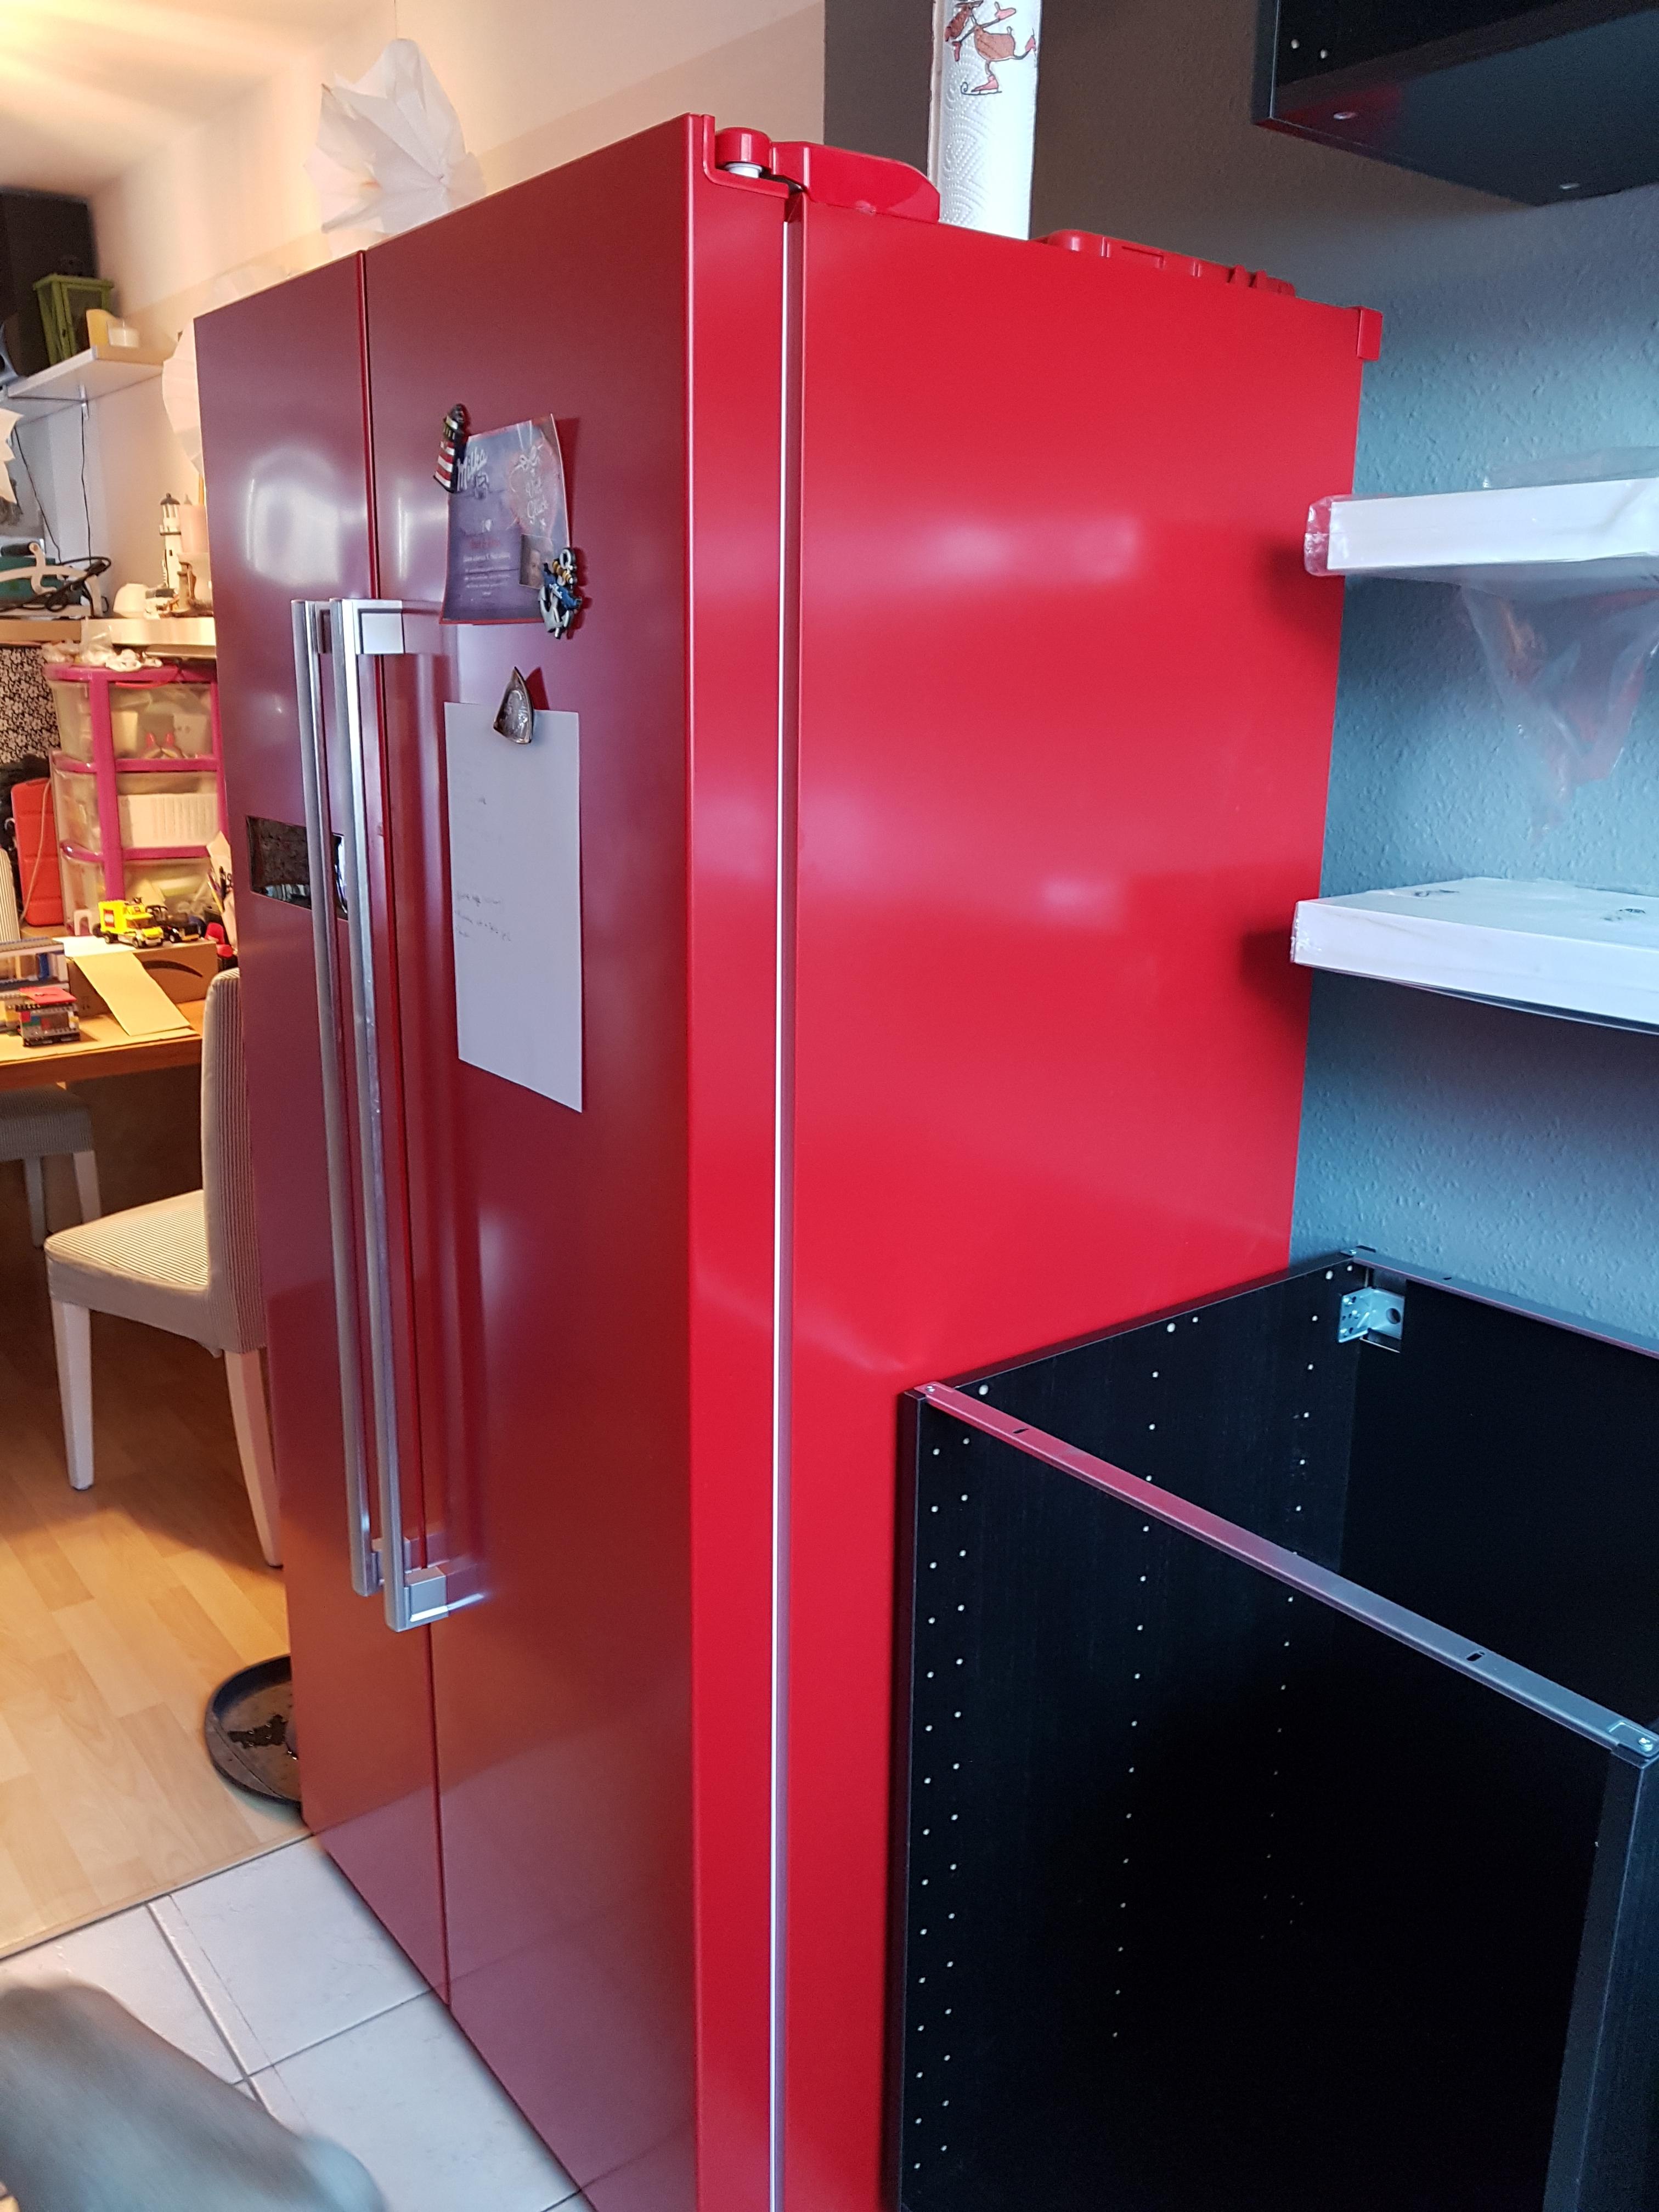 Wir Haben Eine Miniküche; Bevor Etwas Neues Rein Kann, Muss Das Alte  Erstmal Raus. Überall In Der Wohnung Stapelten Sich Nun Folglich Diverse ...